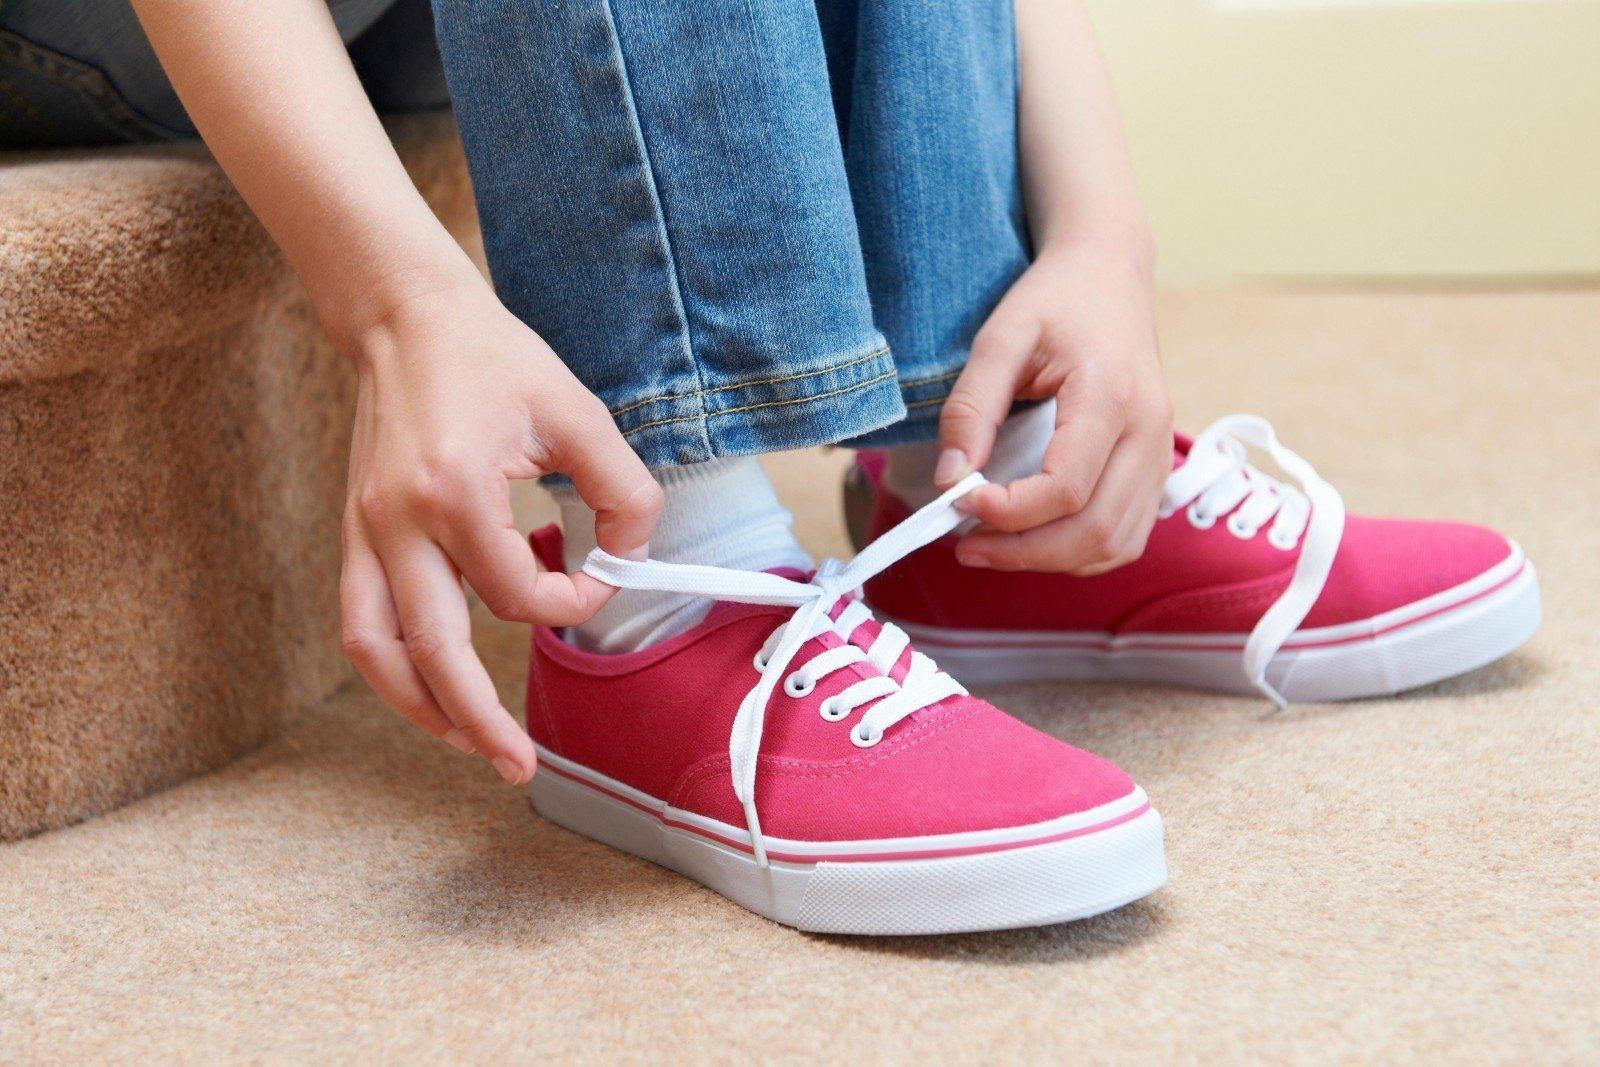 Североамериканская компания отозвала изпродажи ботинки, оставляющие следы ввиде свастики